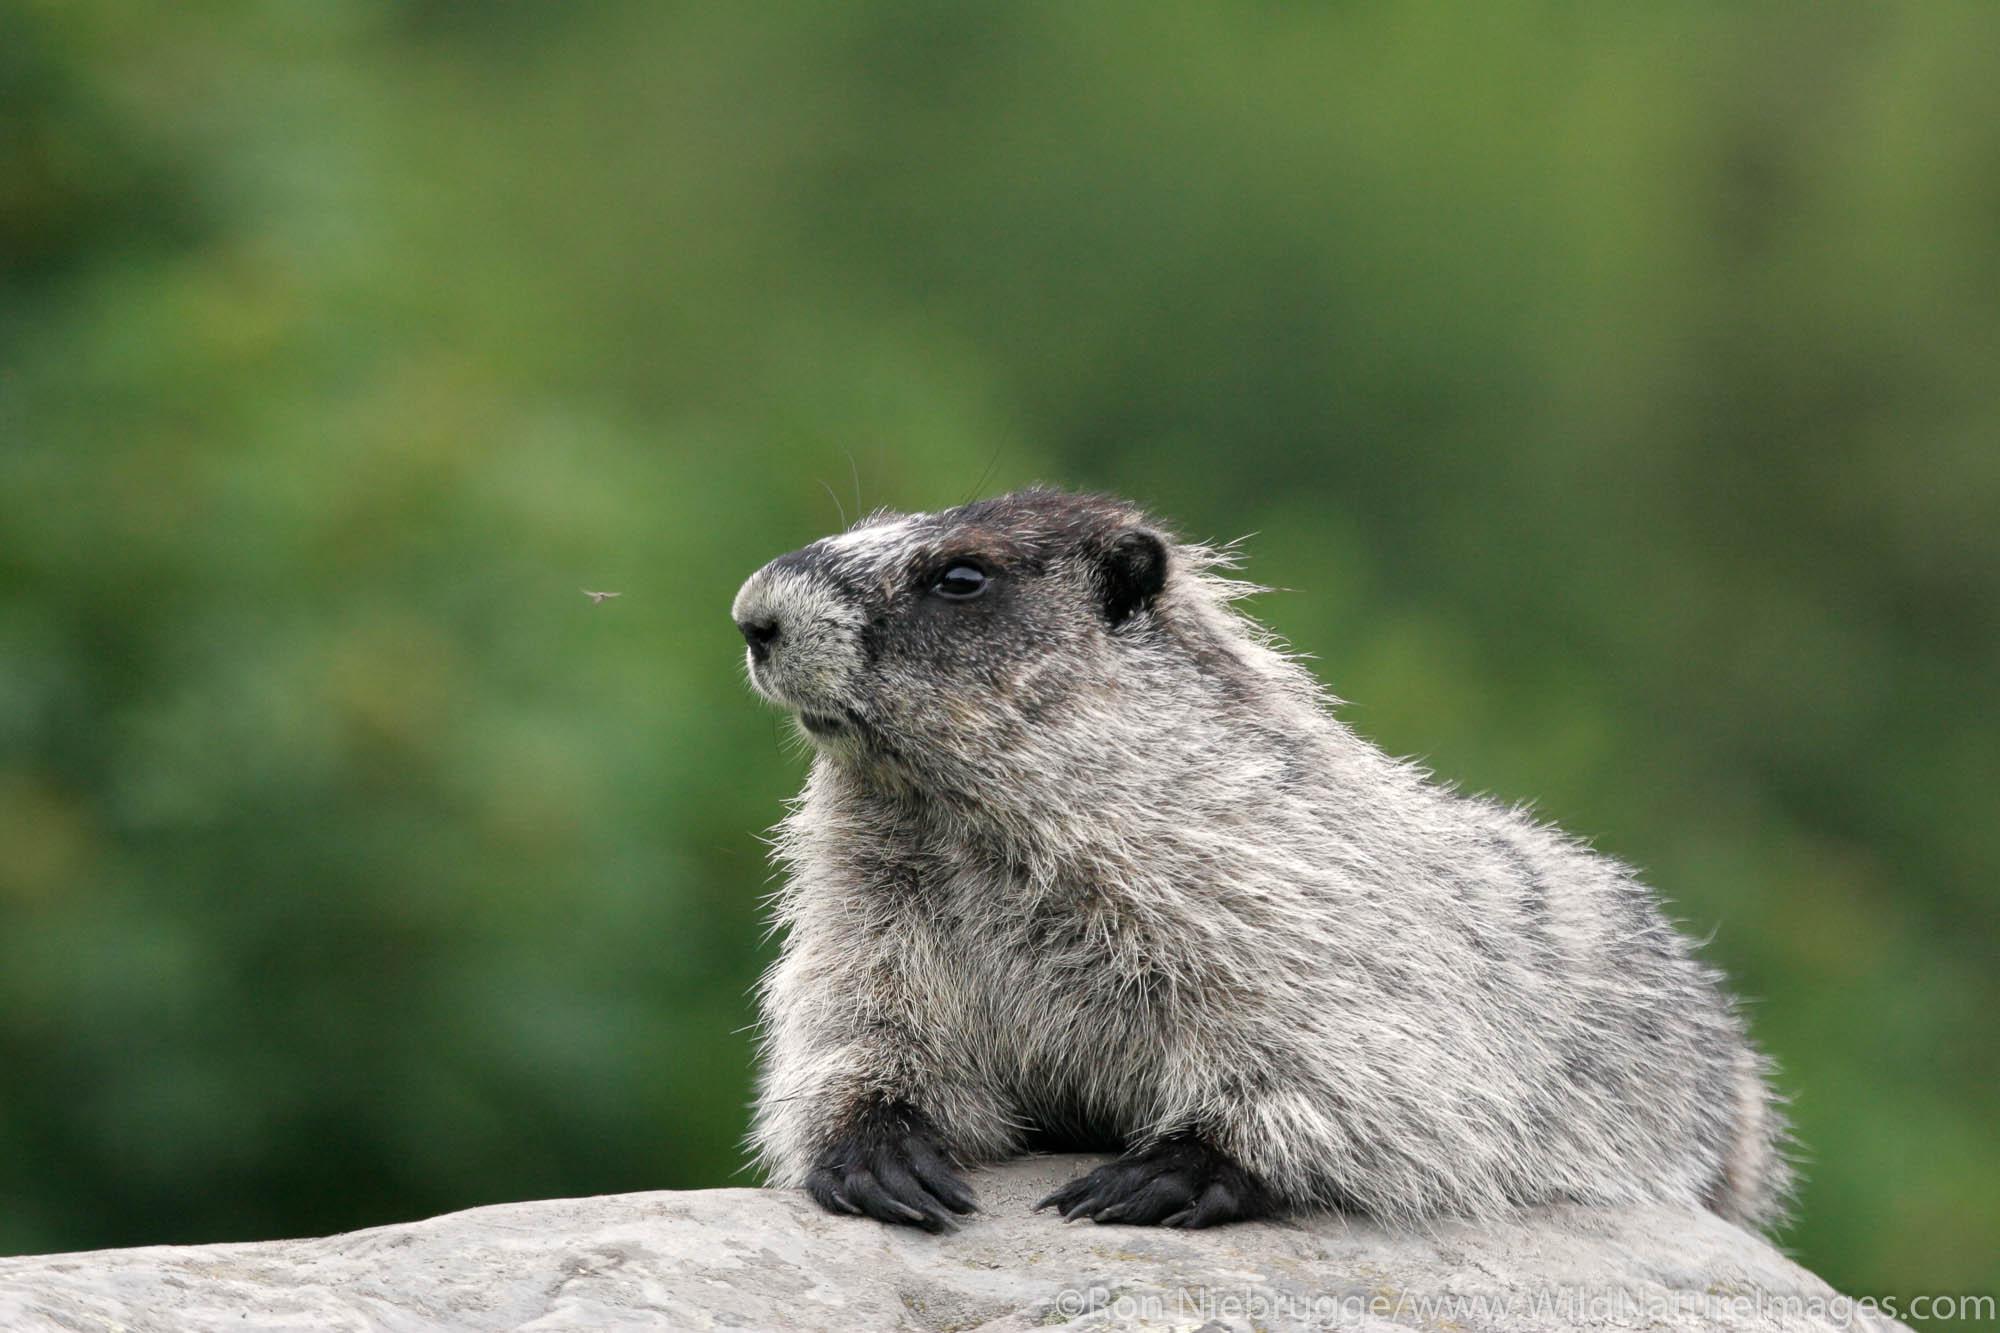 hoary marmot (Marmota caligata) along the Harding Icefield trail, near Exit Glacier, Kenai Fjords National Park, Alaska.